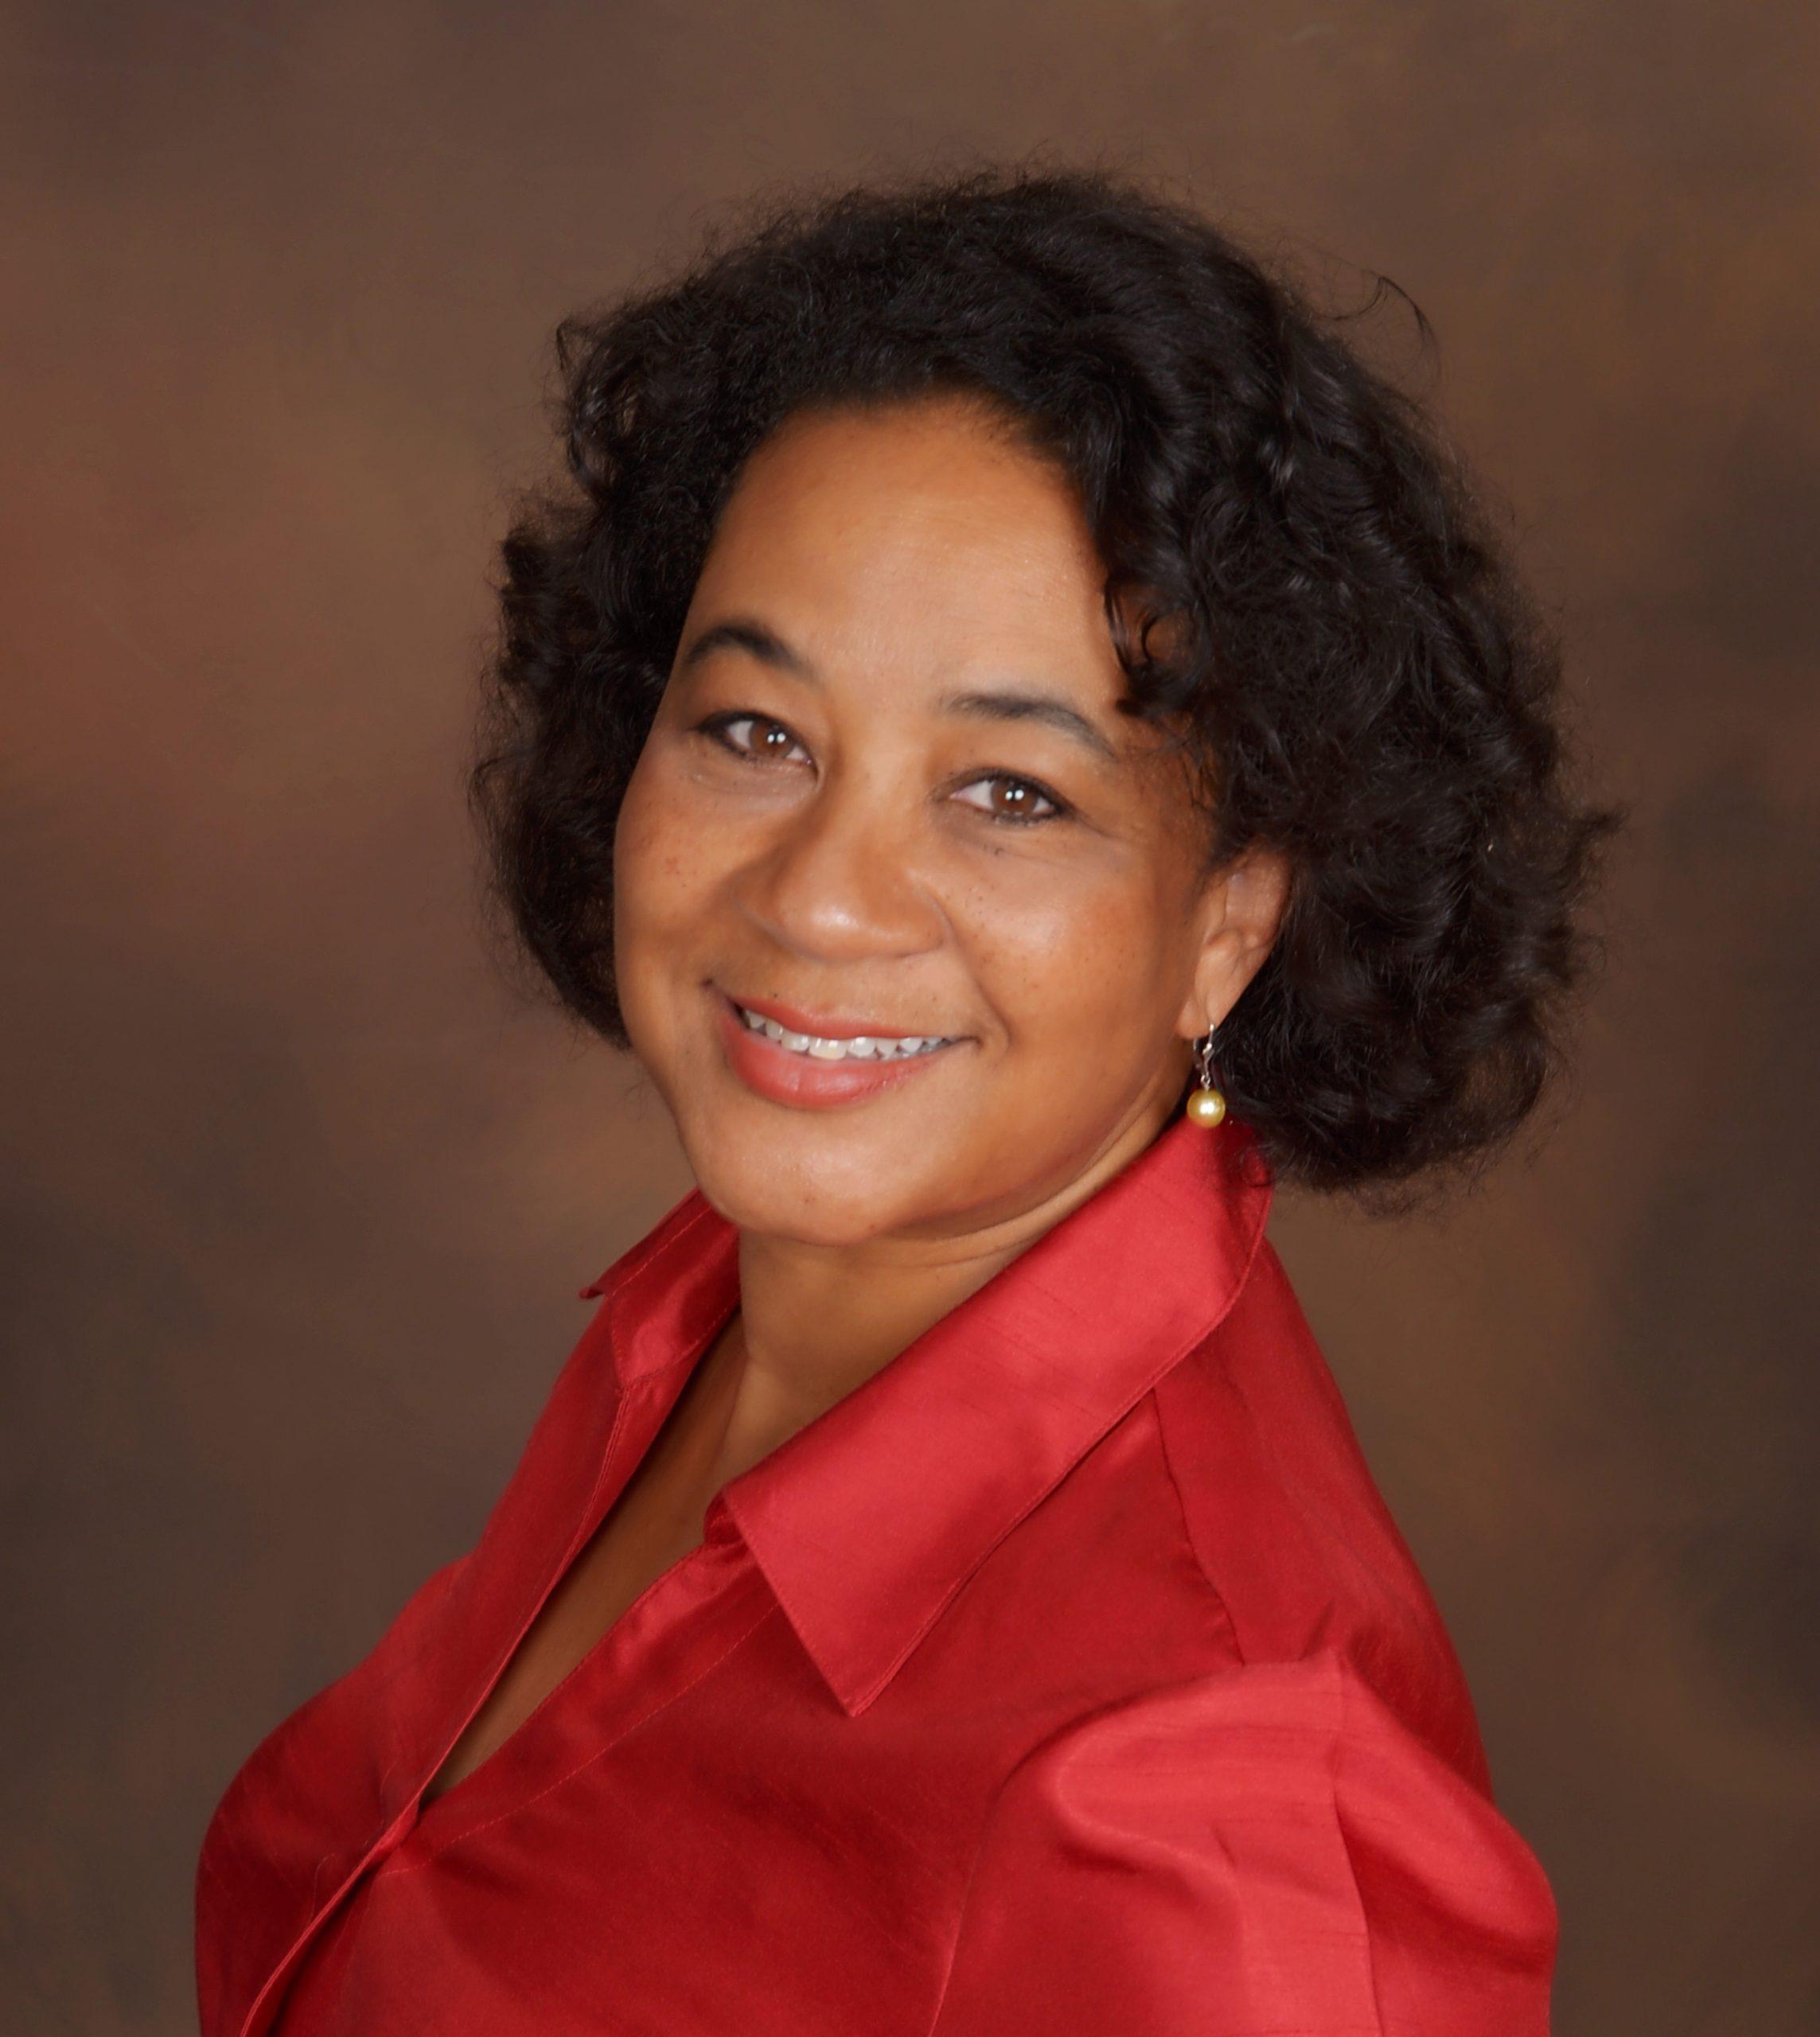 Camber Names Renita E. Smith as Co-CEO